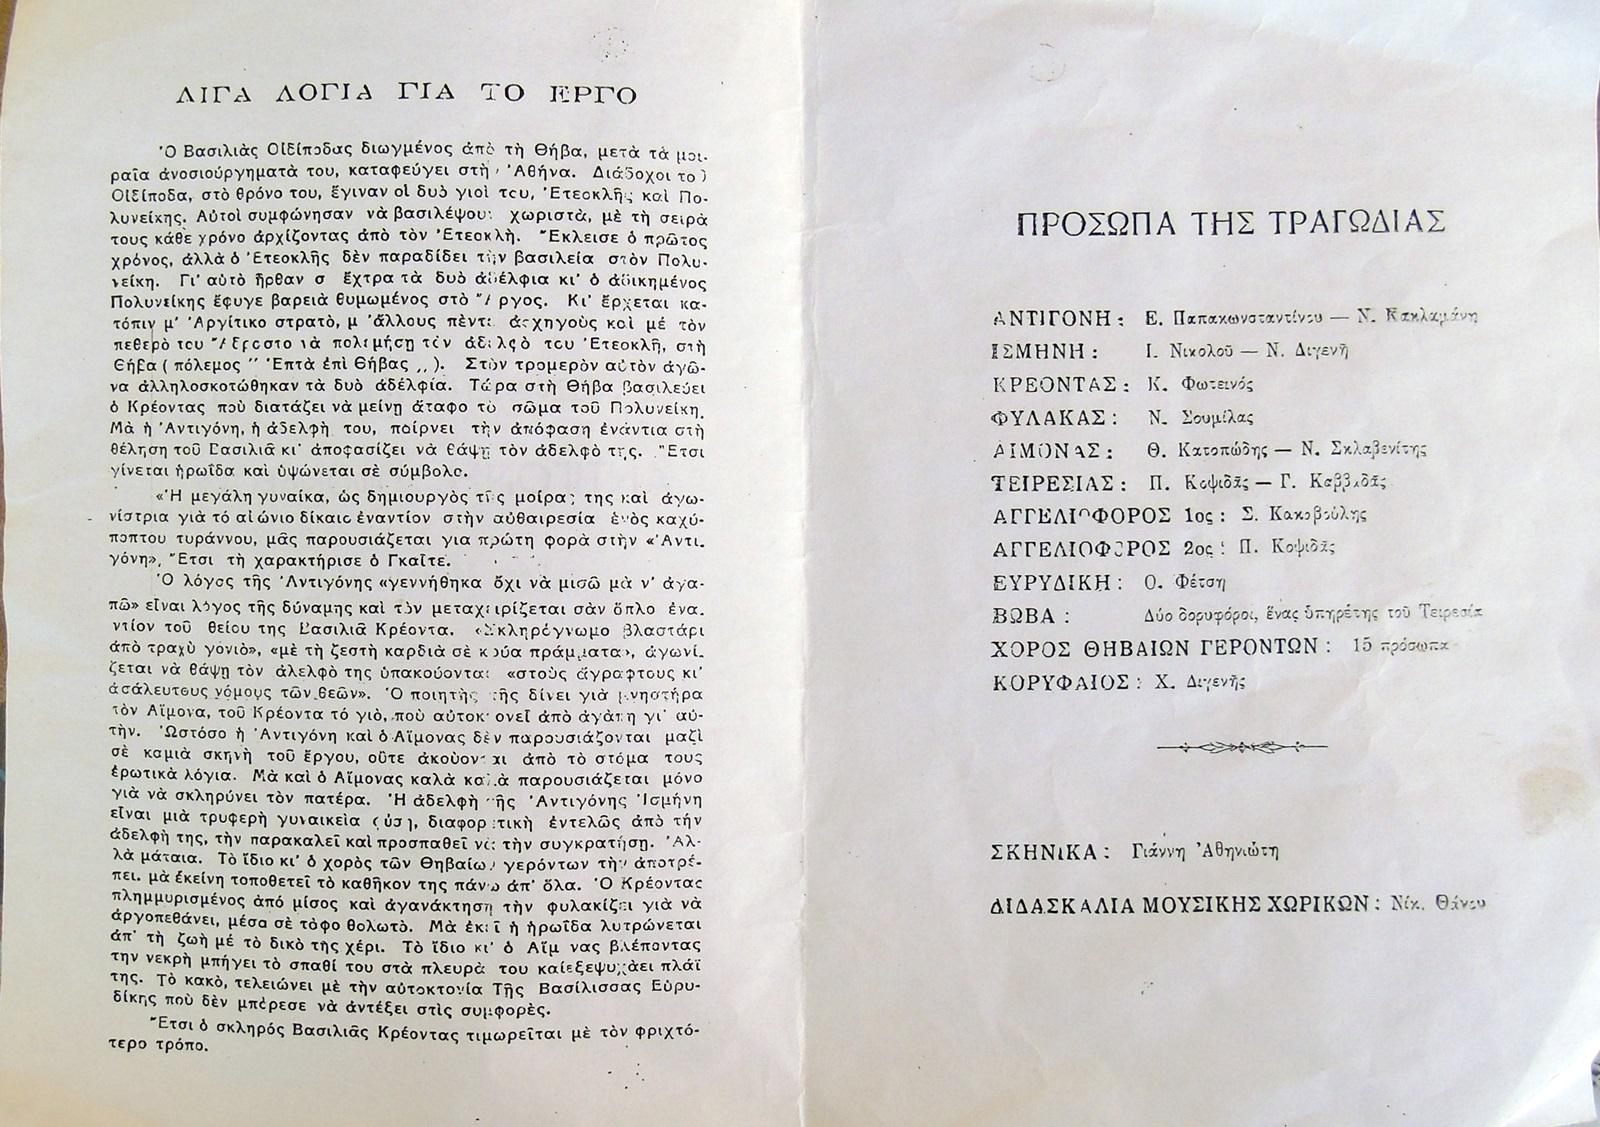 2_3_Antigoni_sofokleous_Gymnasio_Lefkadas_1957